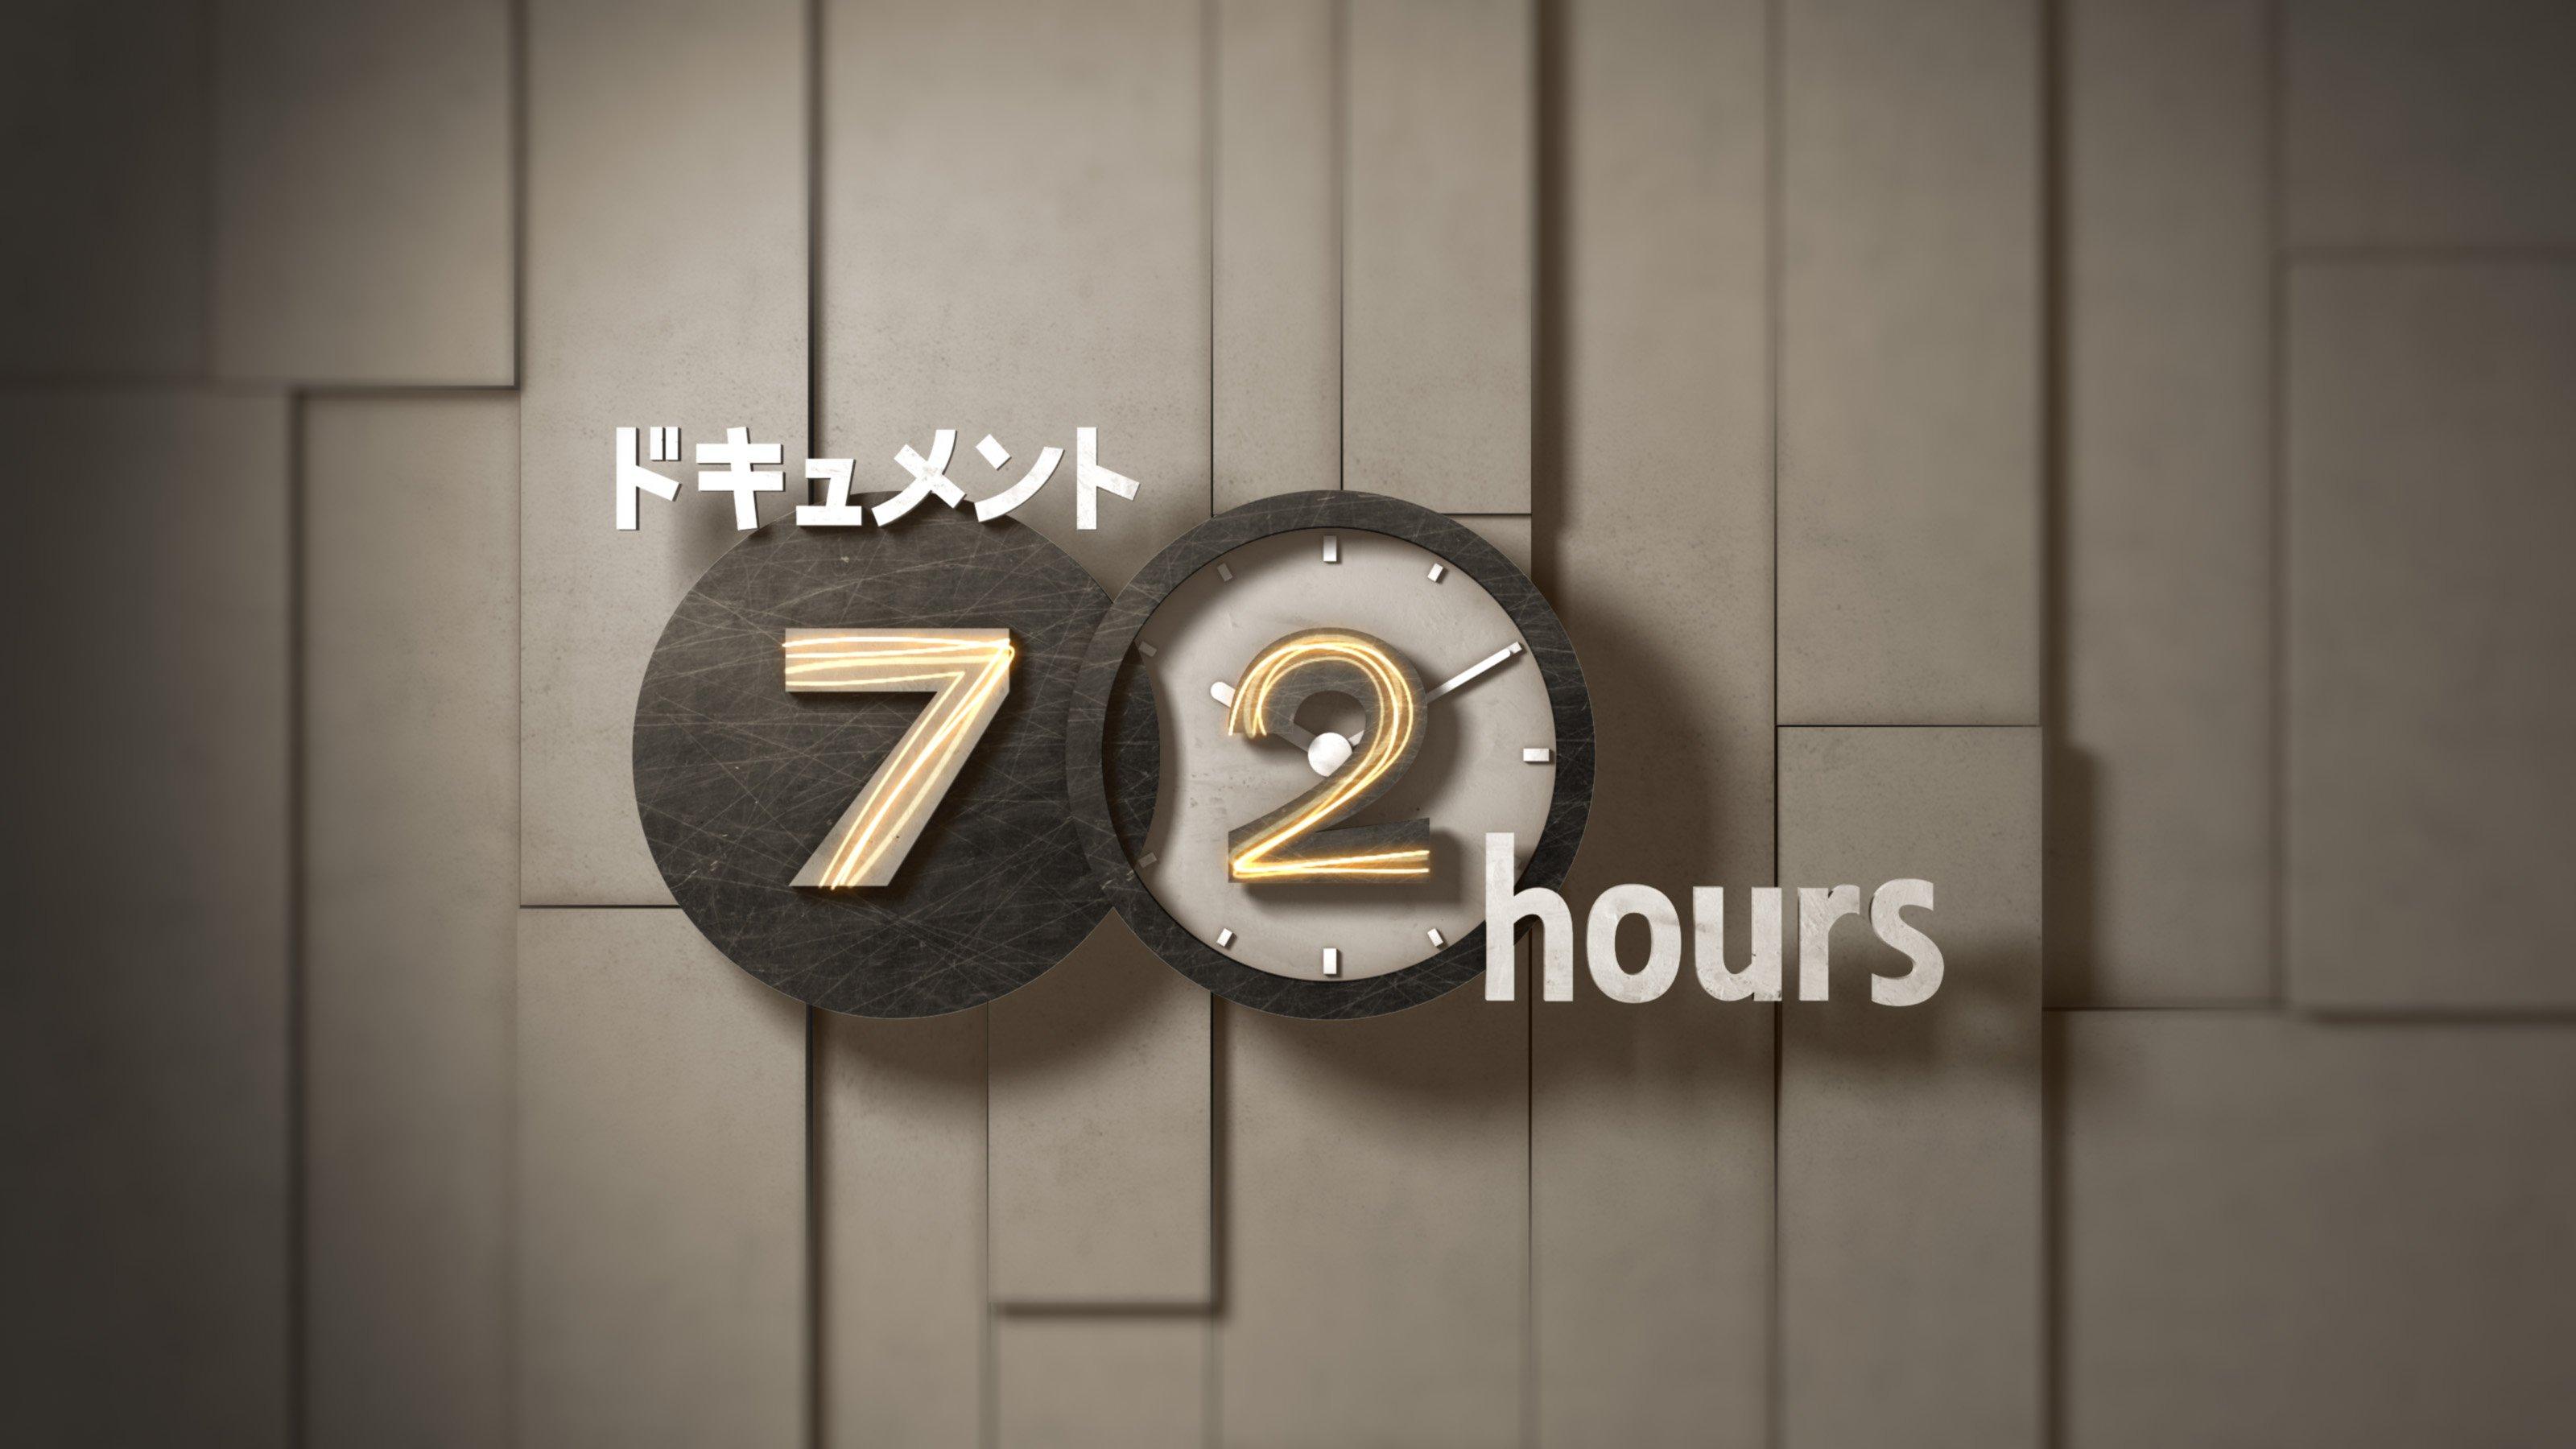 放送 ドキュメント 72 時間 再